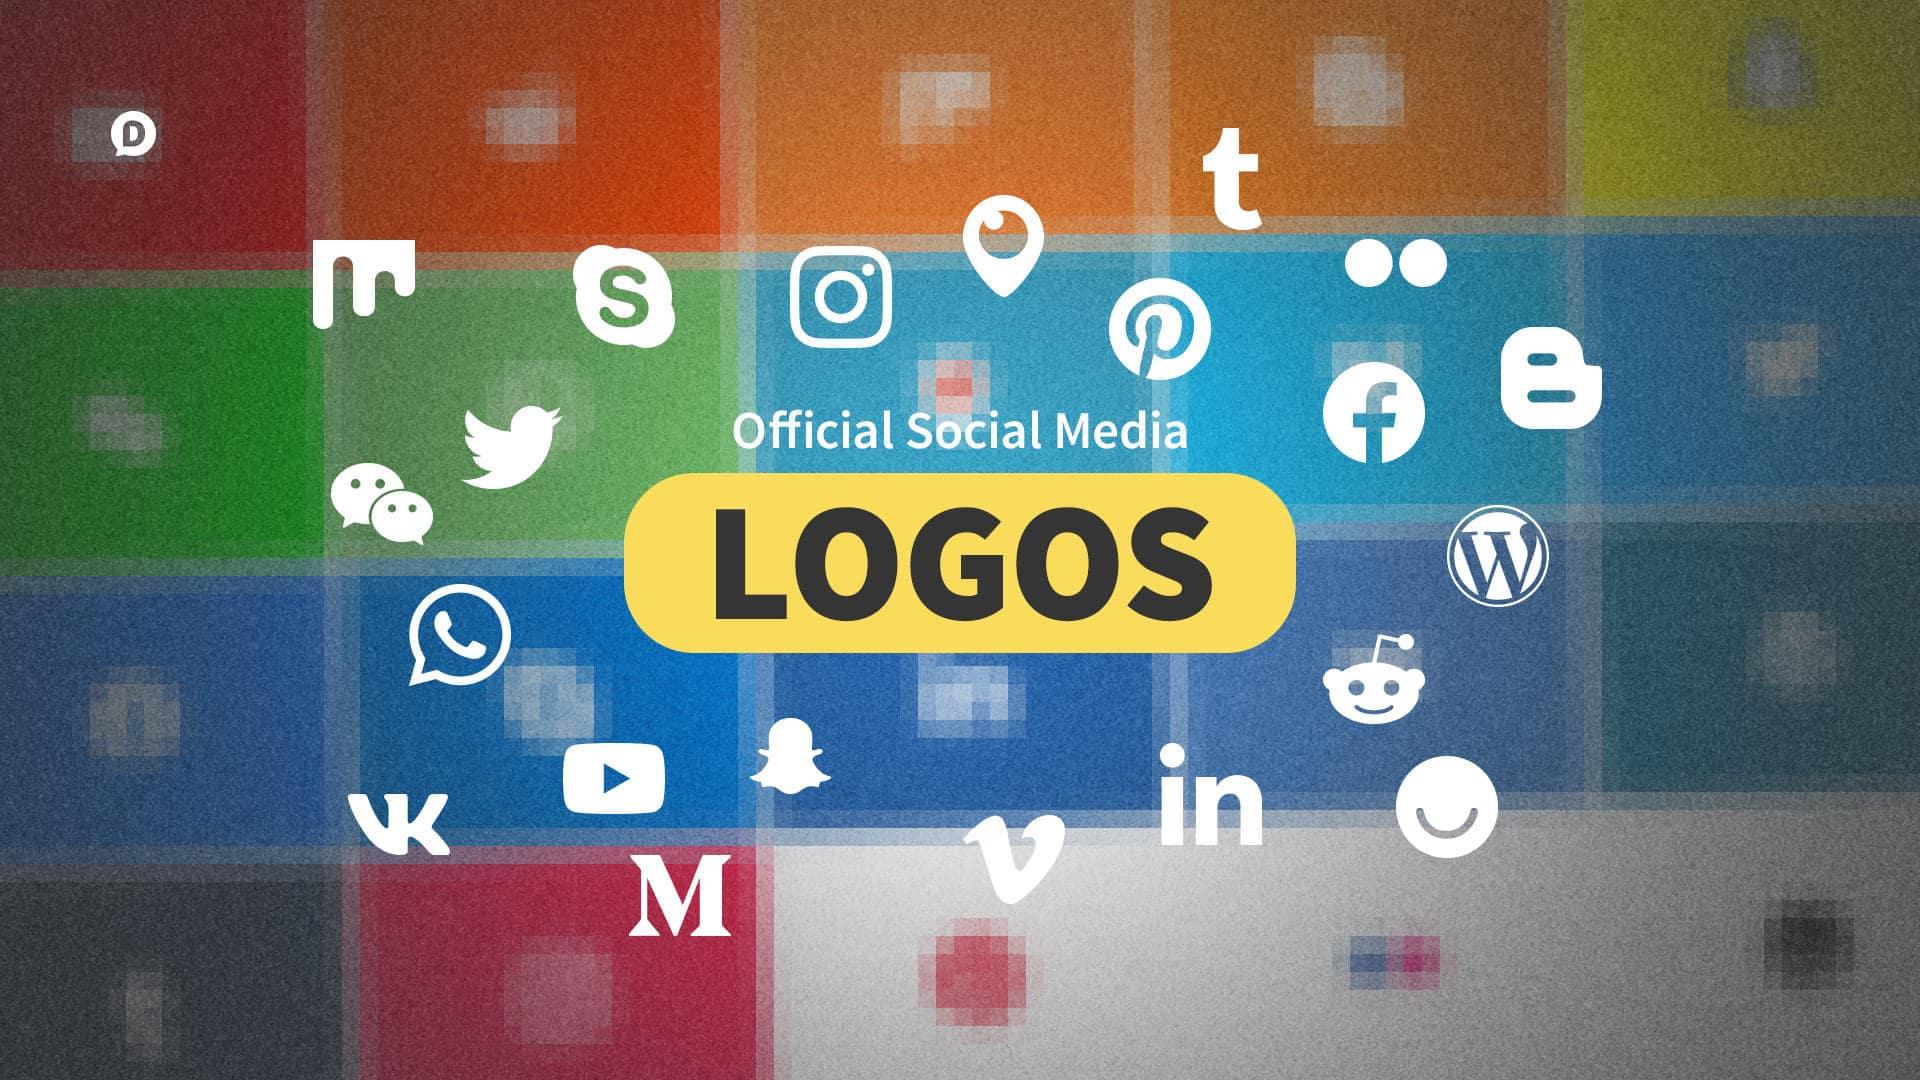 2019 Social Media Logos: 21 Most Popular Social Networks.